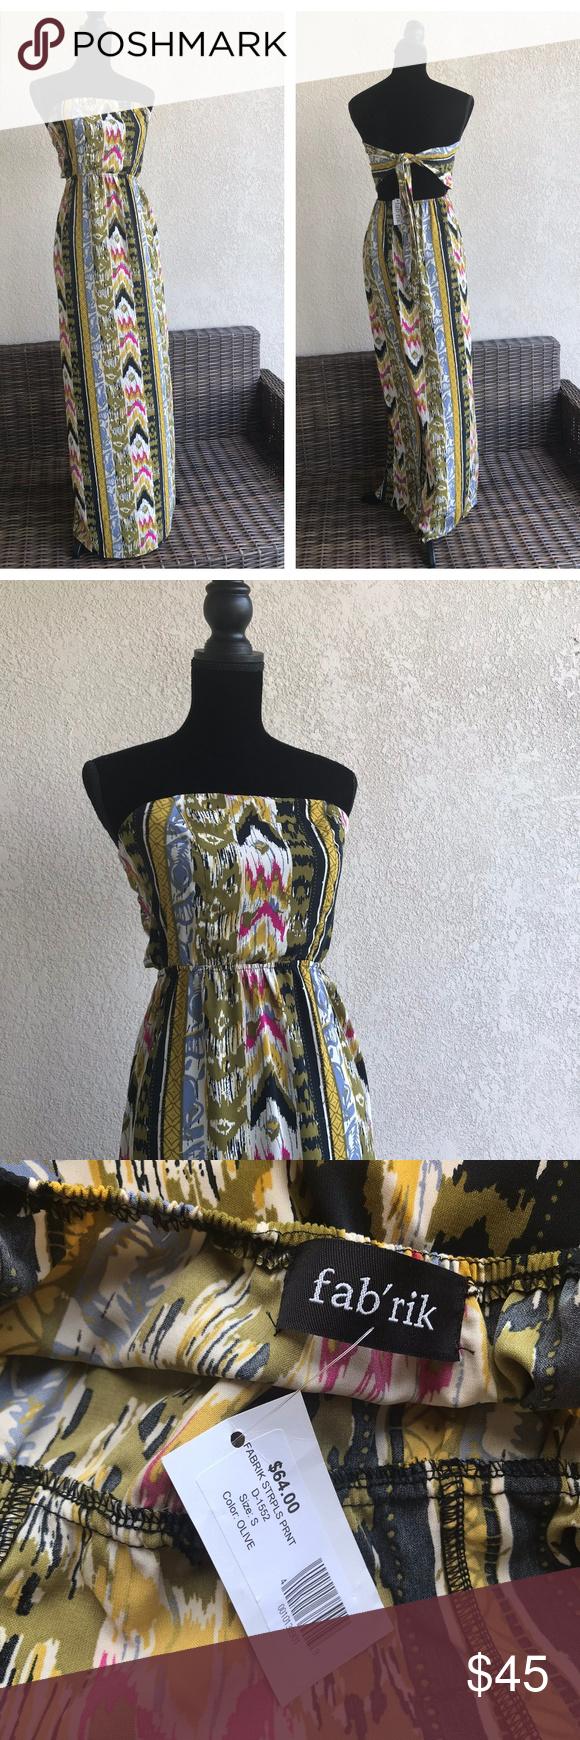 4ba528e537bcfc fab'rik Strapless Print Olive Dress Ties in Back S fab'rik Strapless Print